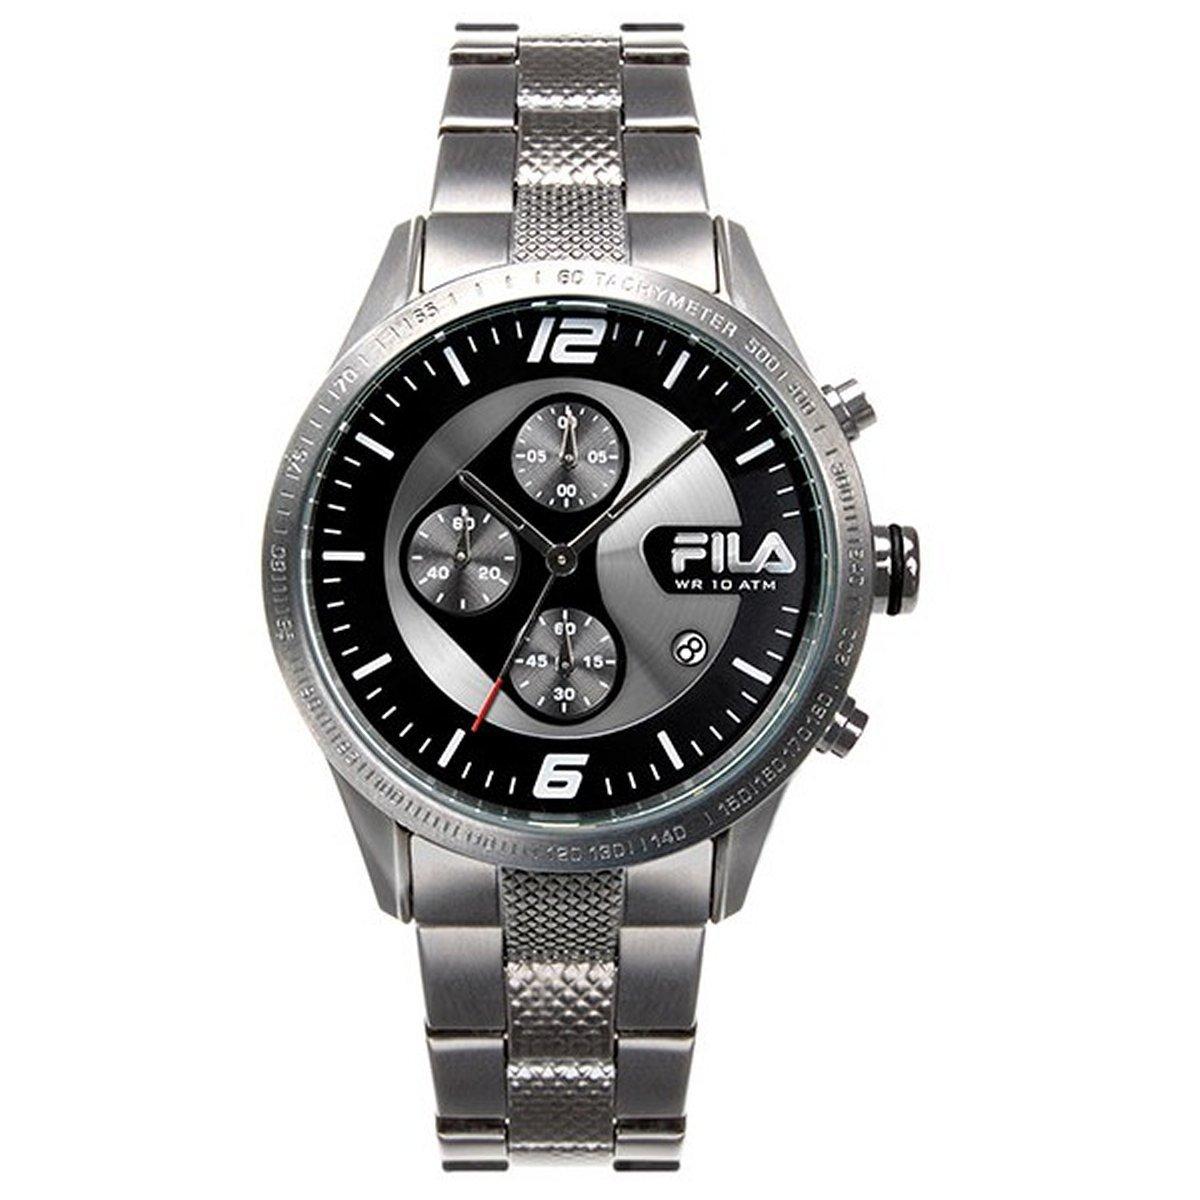 Fila Herren Uhr Chronograph Edelstahl FA38-001-001